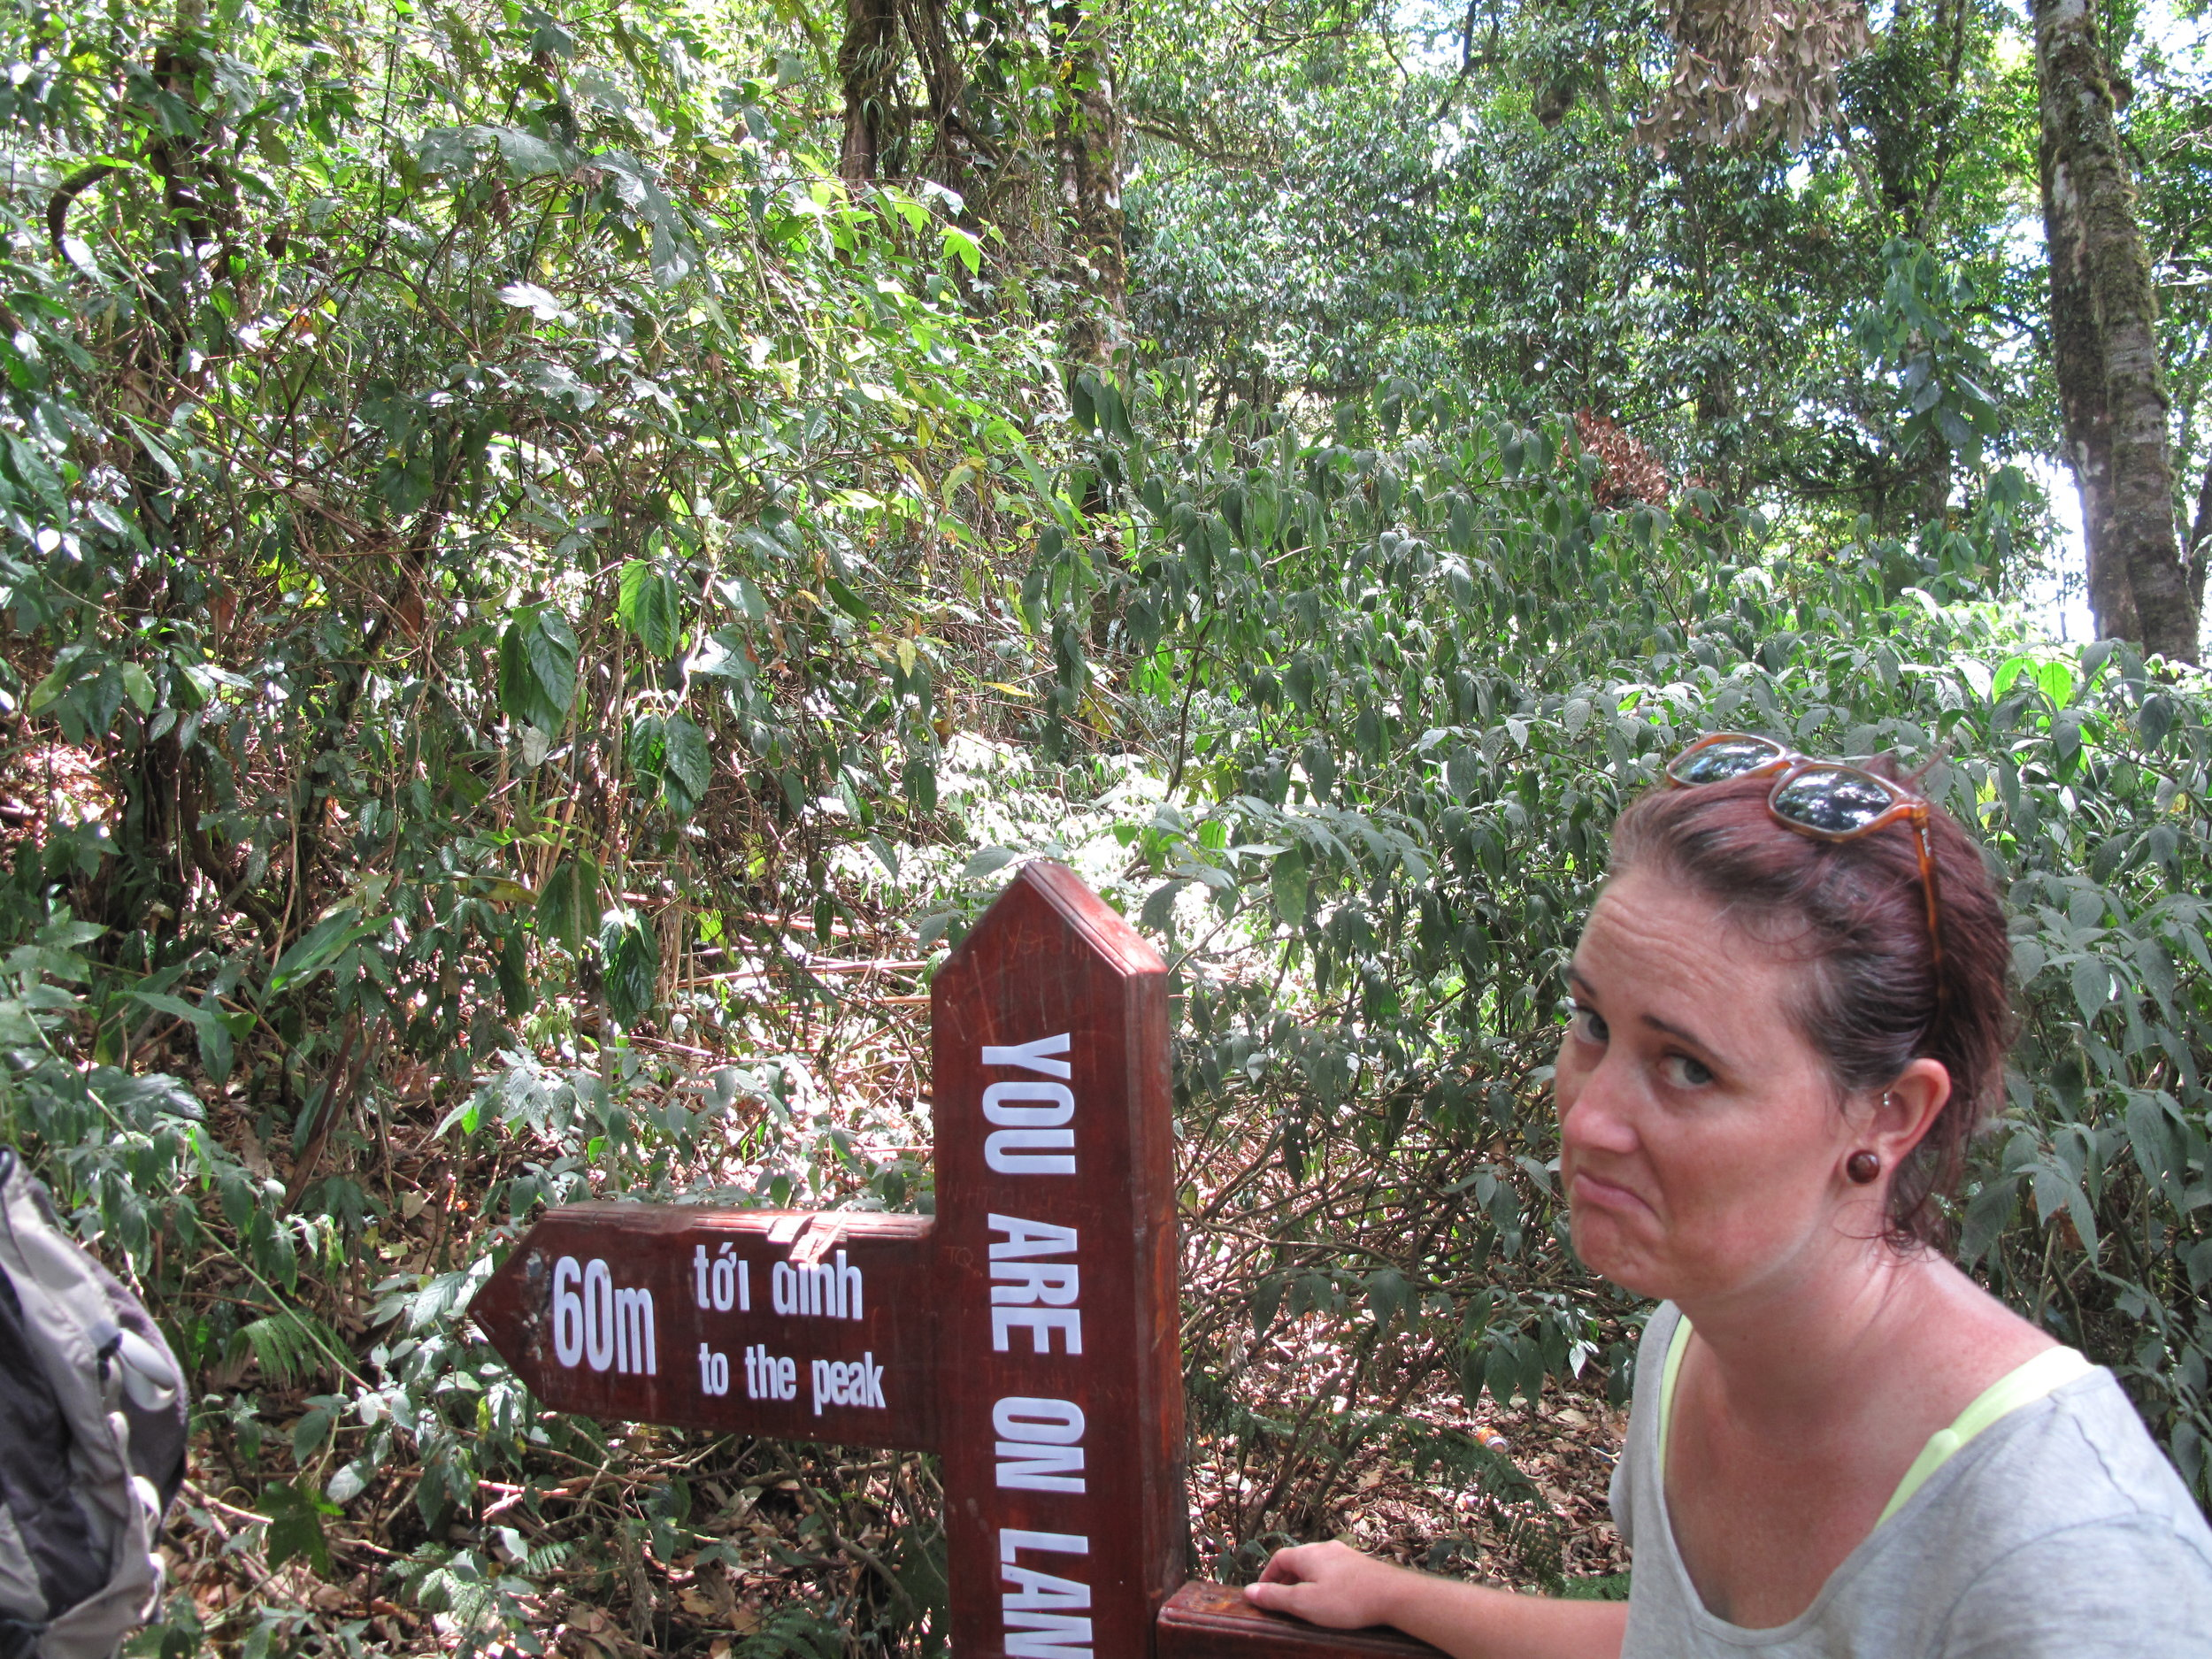 So close, yet so far... Three Peaks hike, Dalat